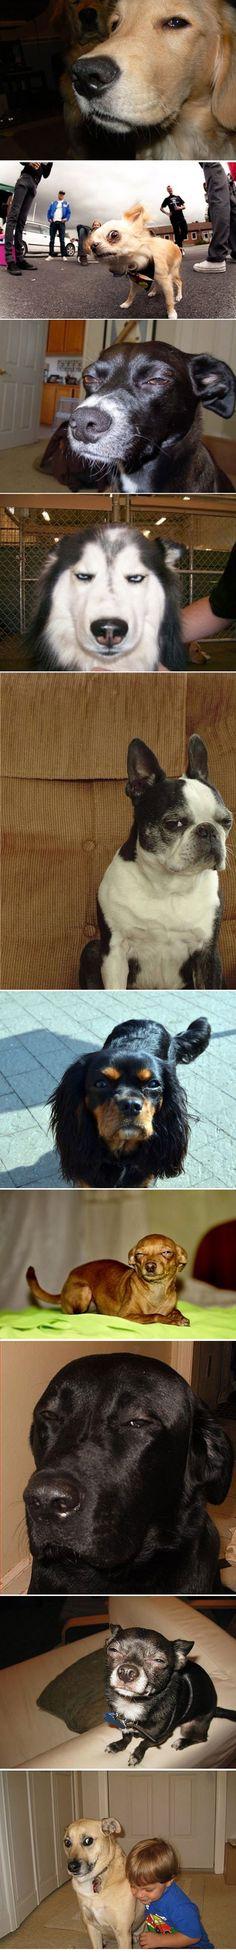 suspicious dogs